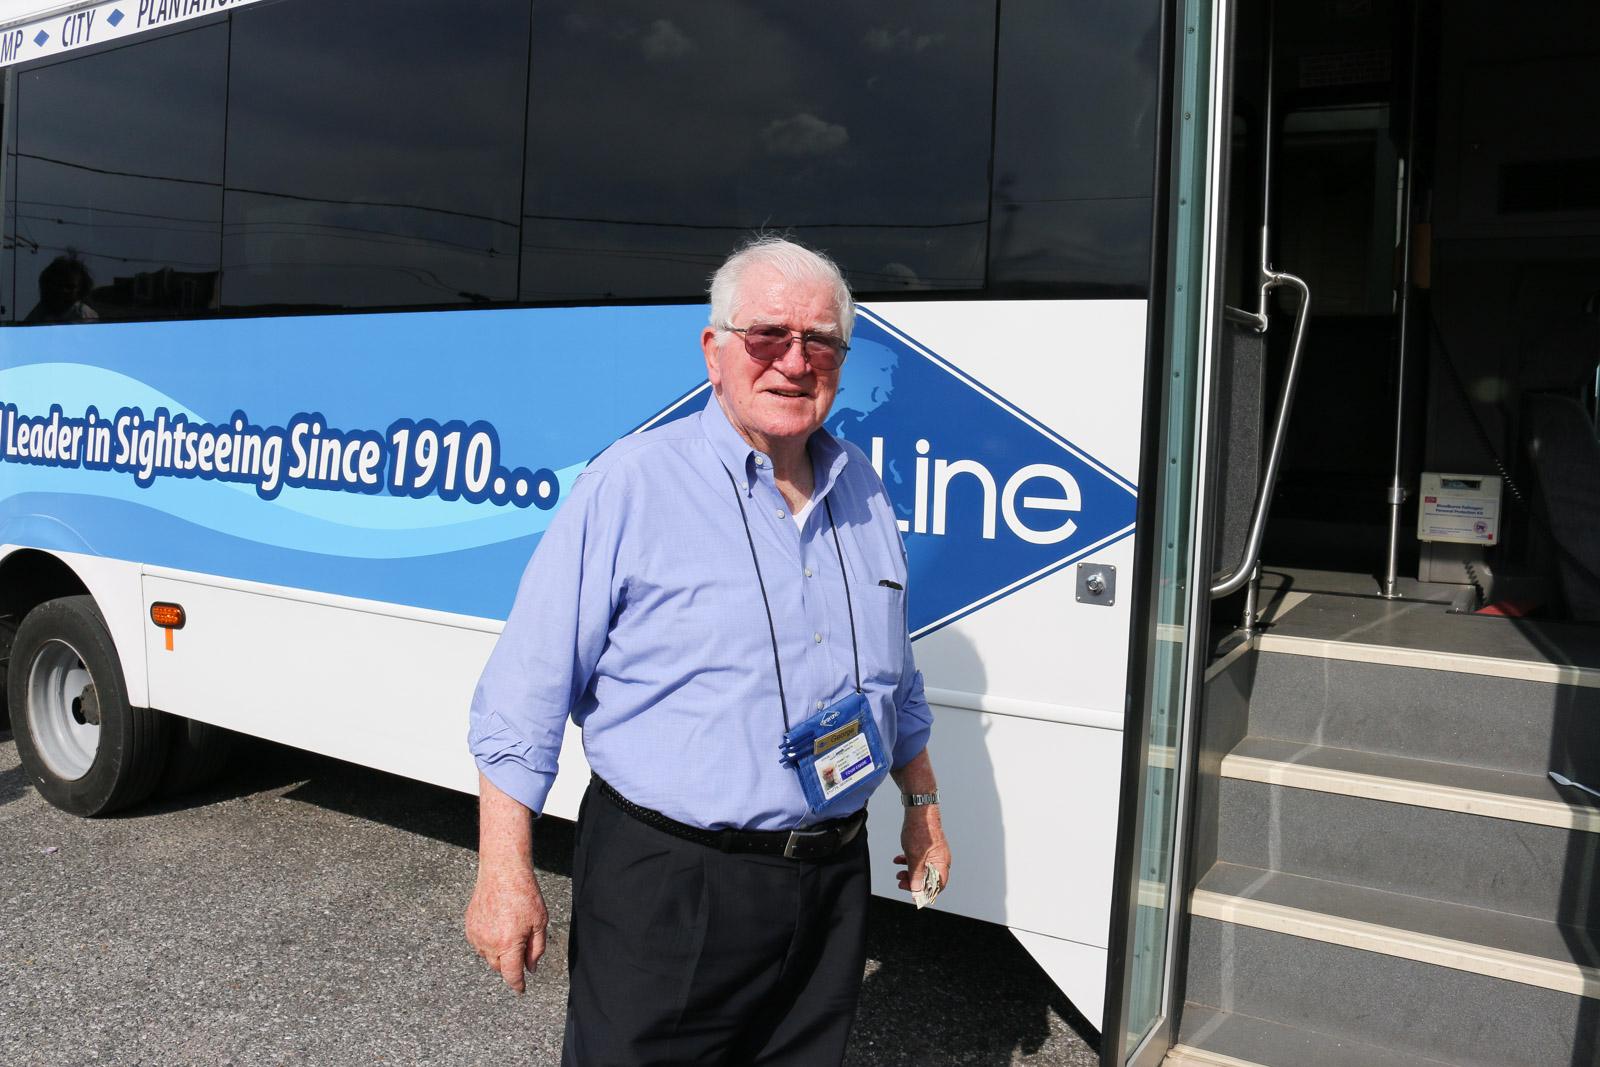 George Stutts führt seit vielen Jahren Touristen durch New Orleans. Auch seine Familie war von Hurrikan Katrina betroffen.